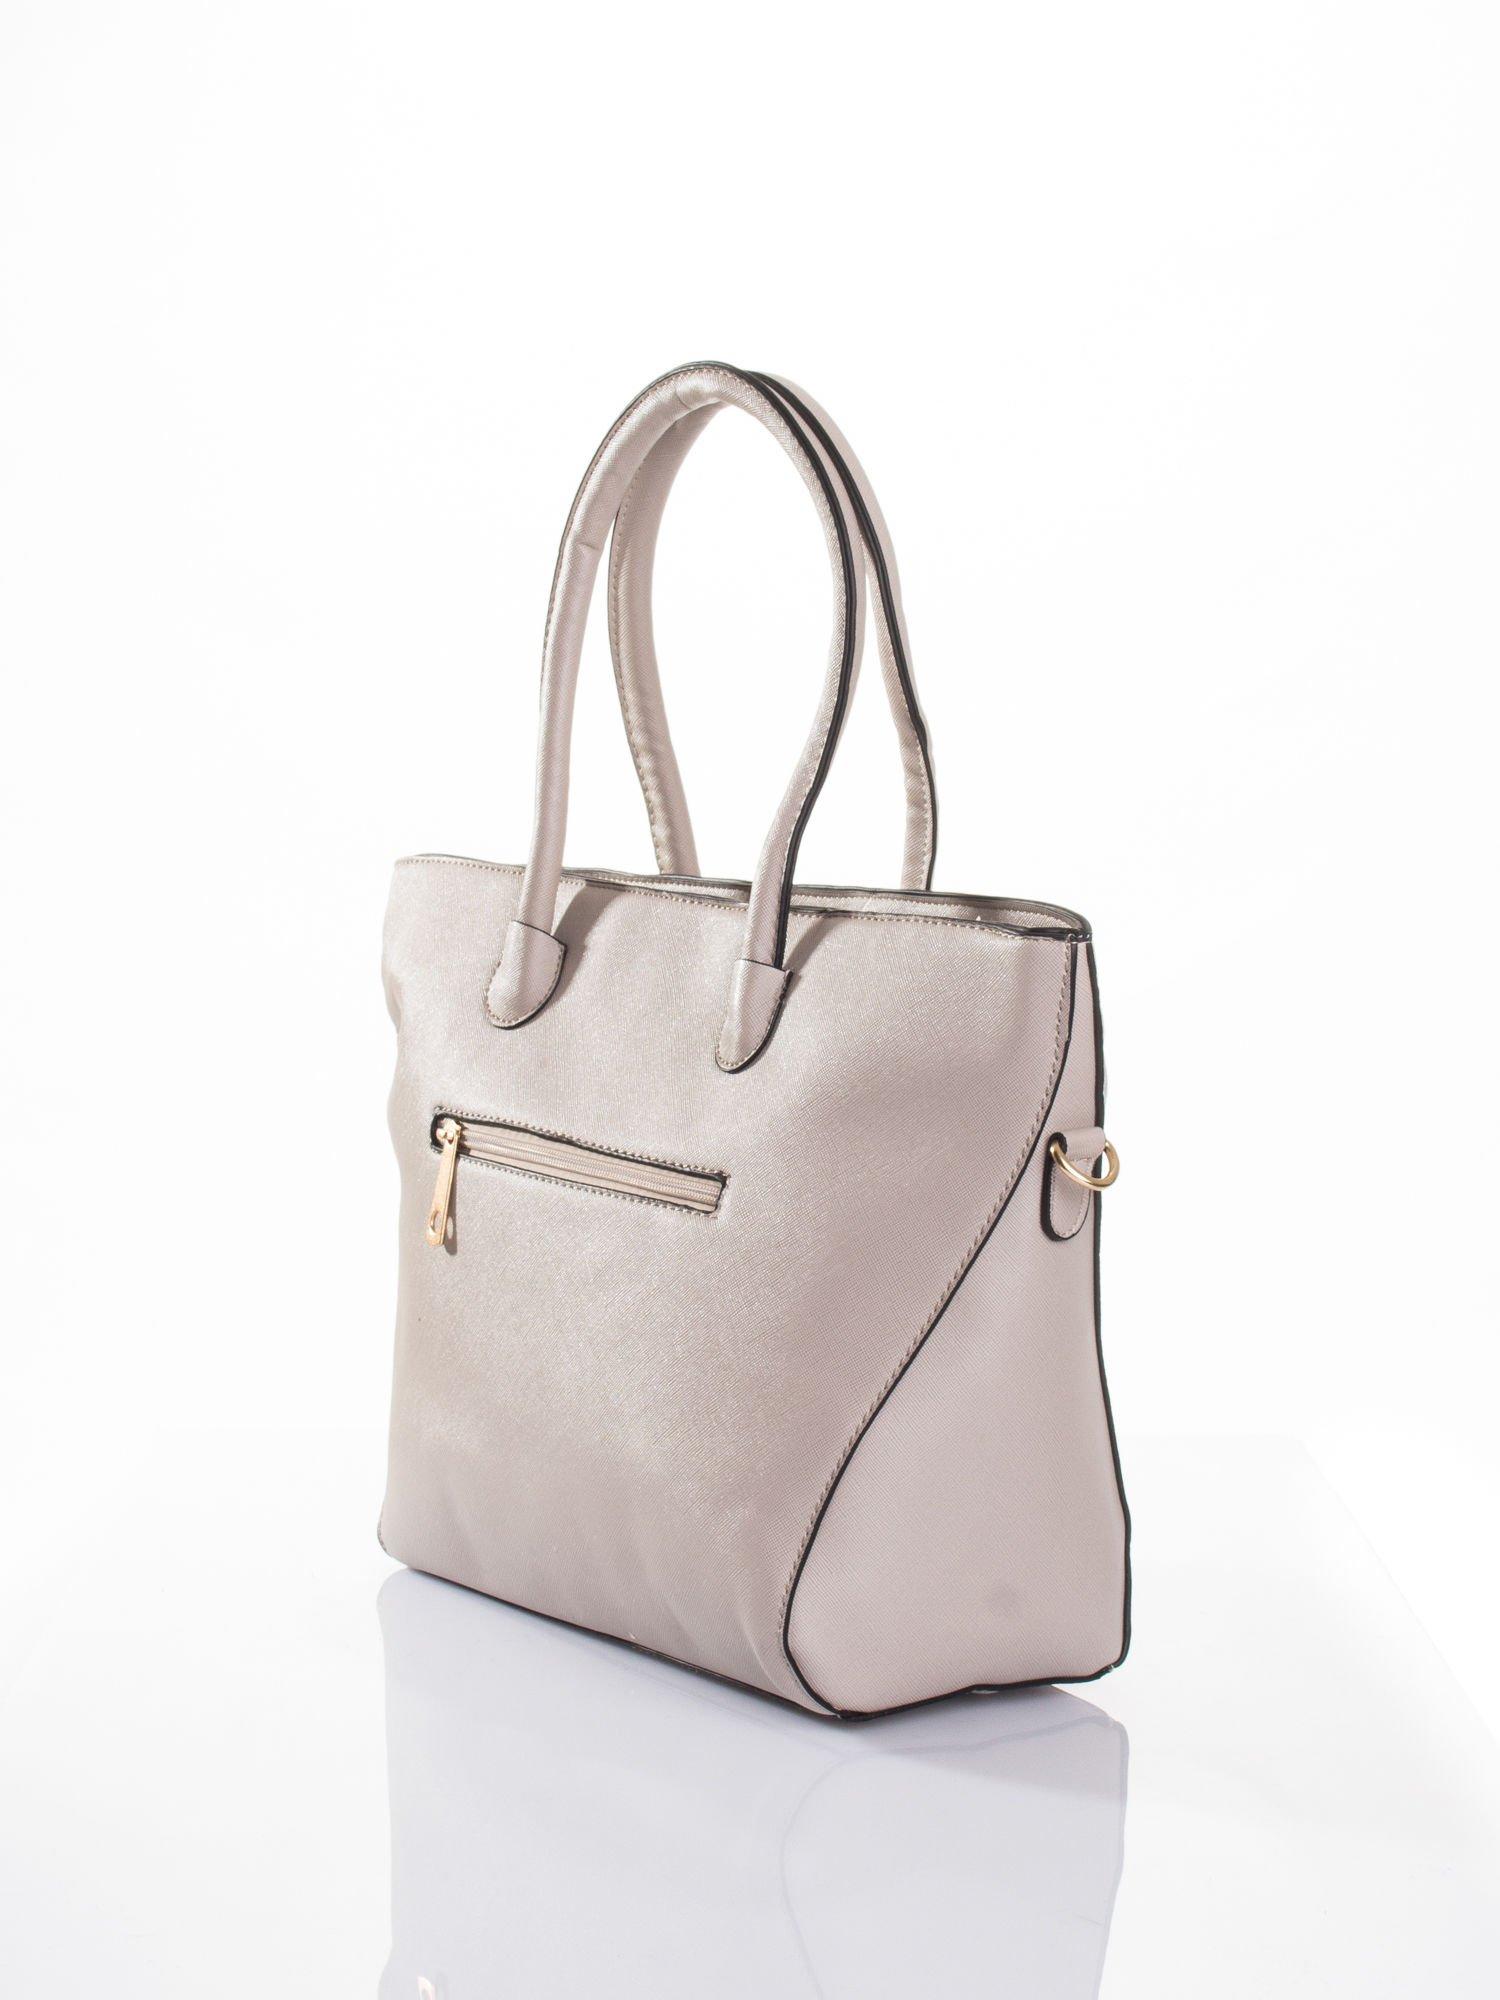 Jasnobeżowa torba shopper efekt saffiano                                  zdj.                                  3